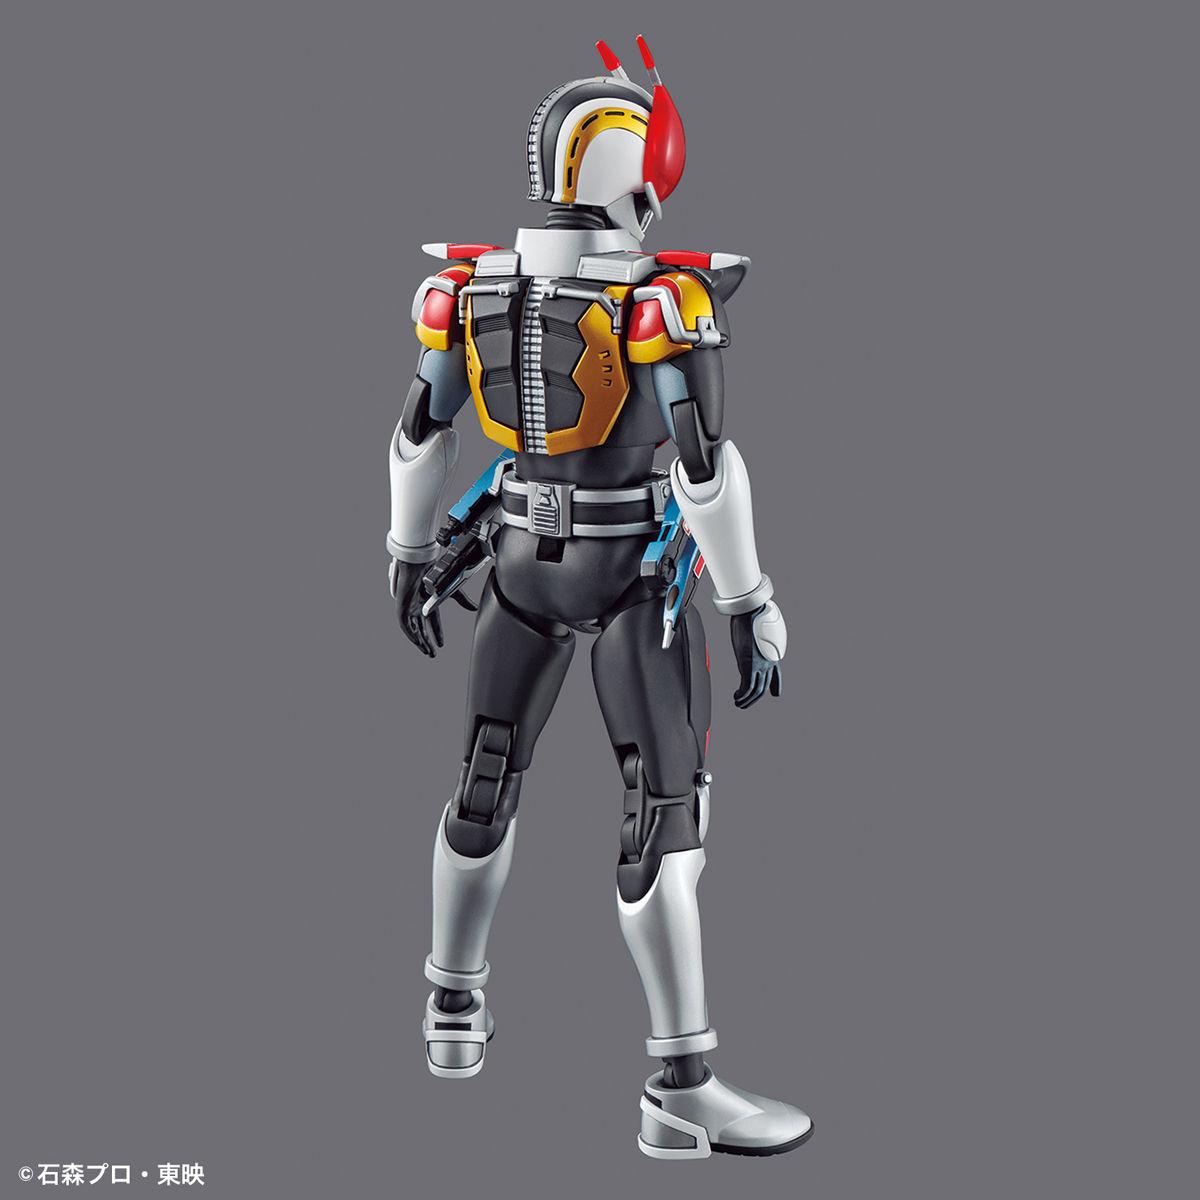 【限定販売】Figure-rise Standard『仮面ライダー電王 ガンフォーム&プラットフォーム』プラモデル-031